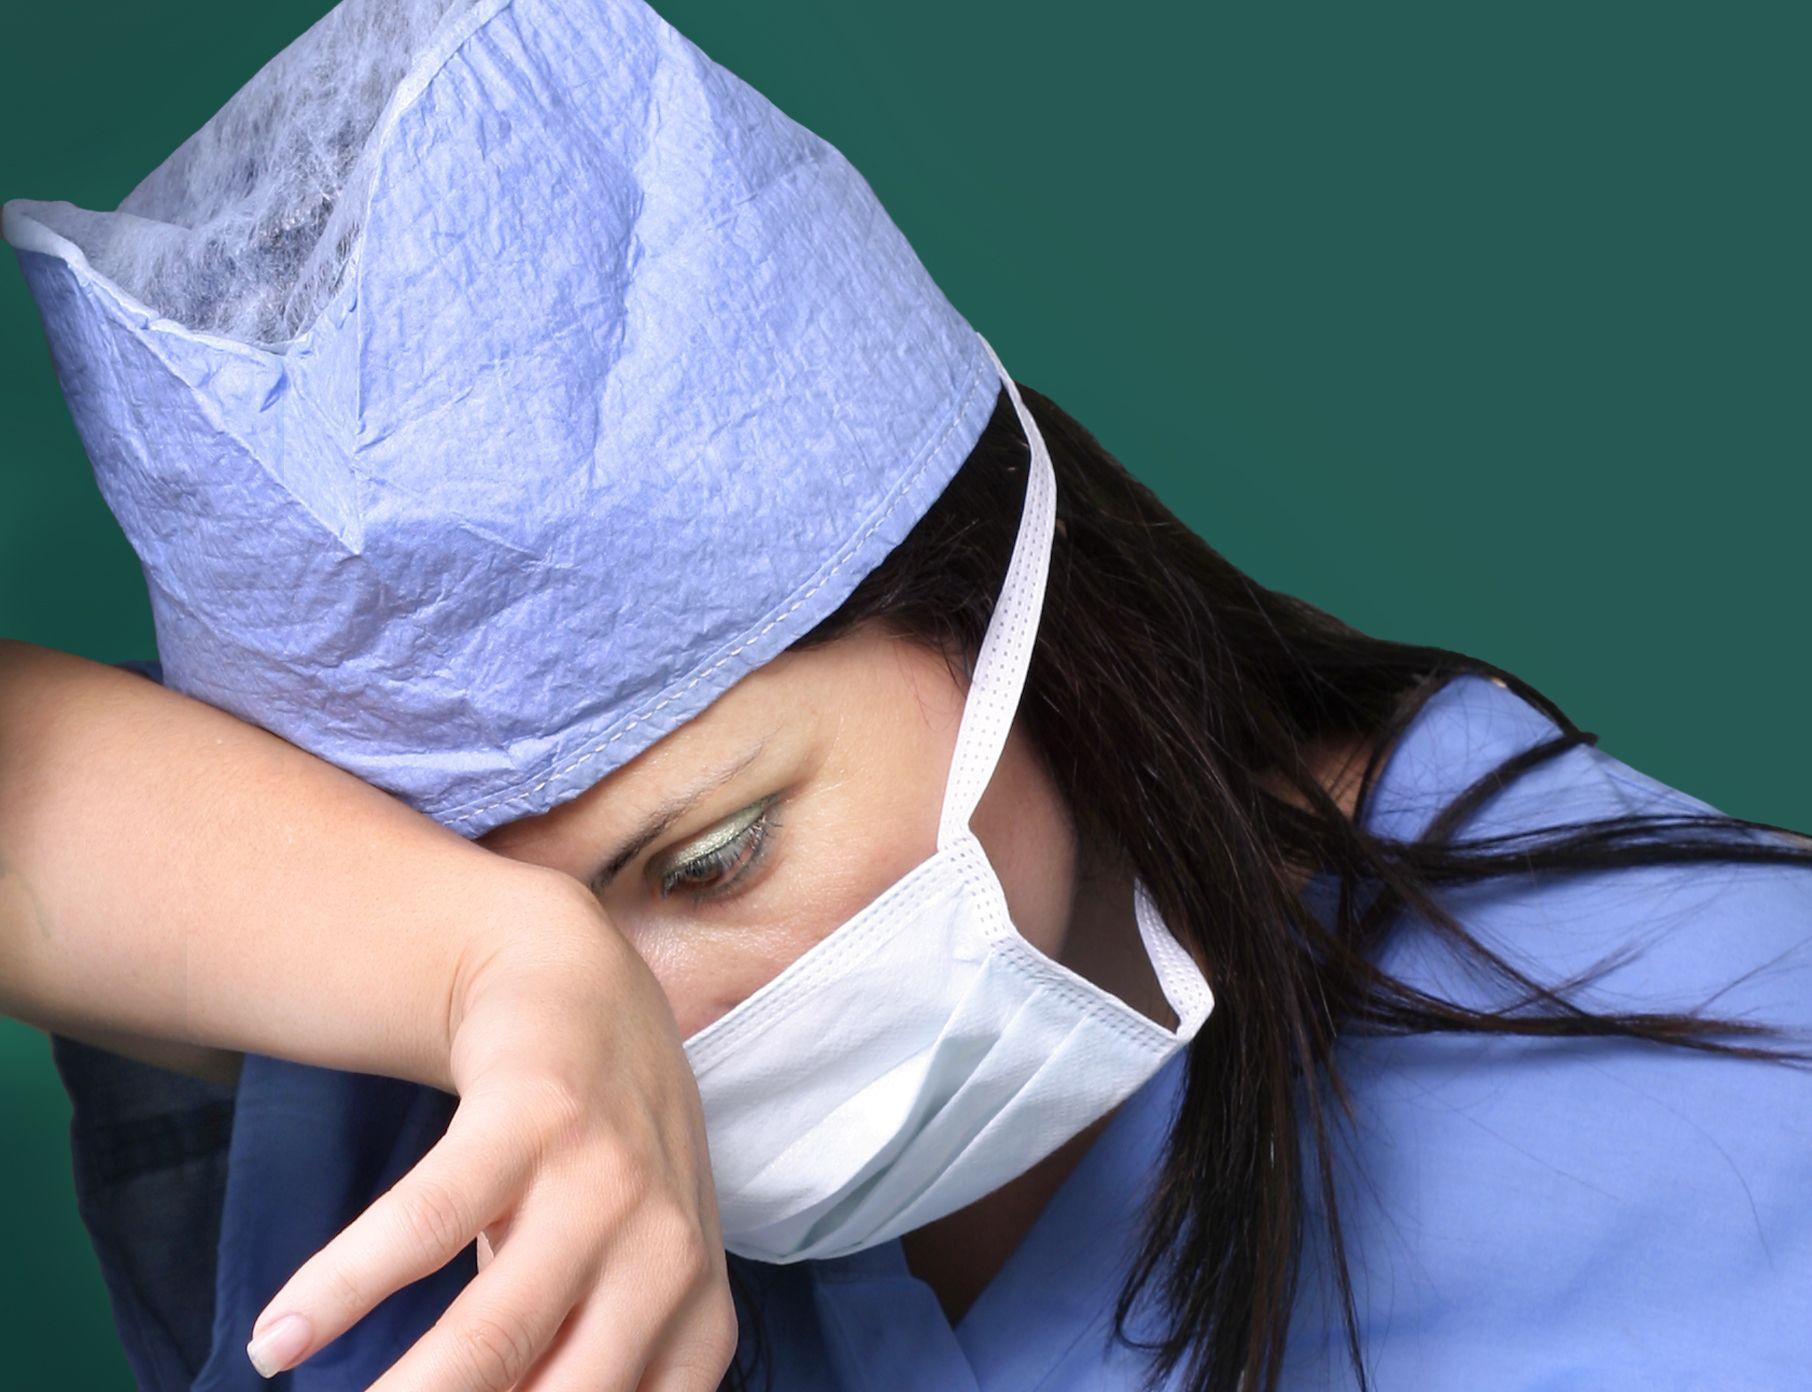 Un estudio analiza las condiciones psicosociales de las enfermeras españolas